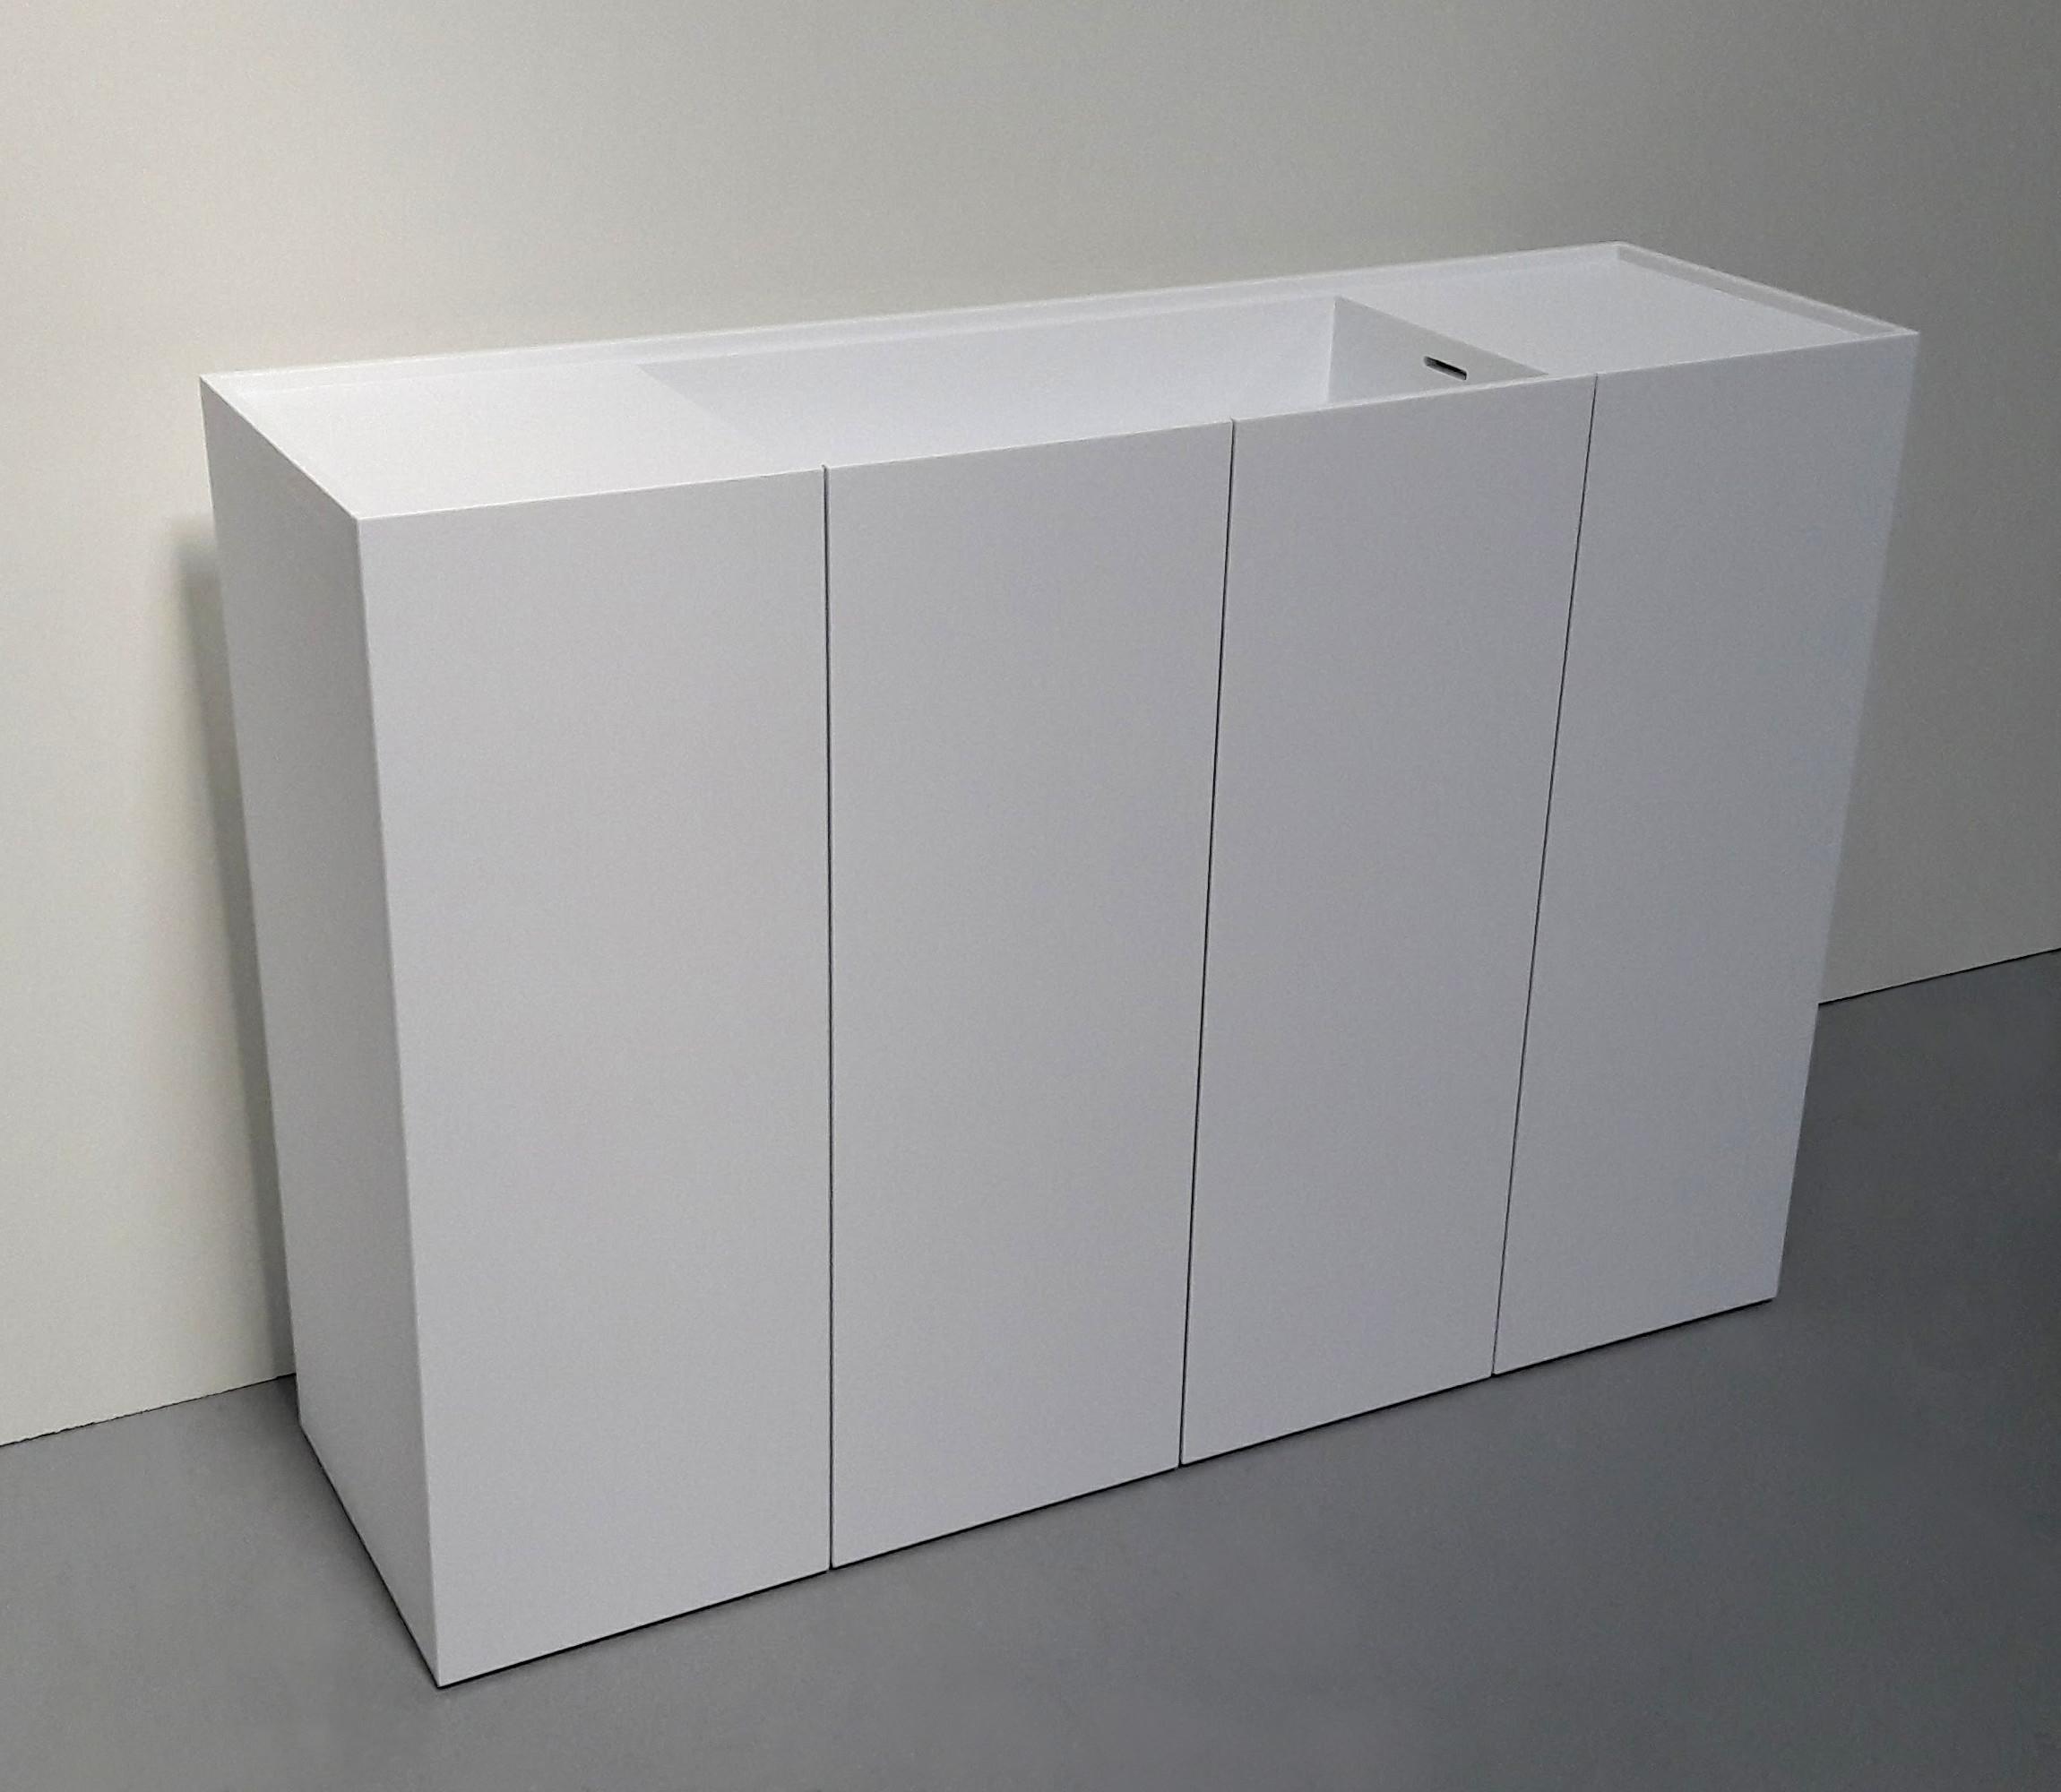 Badeværelsesmøbel i Corian med integreret vask og låger.